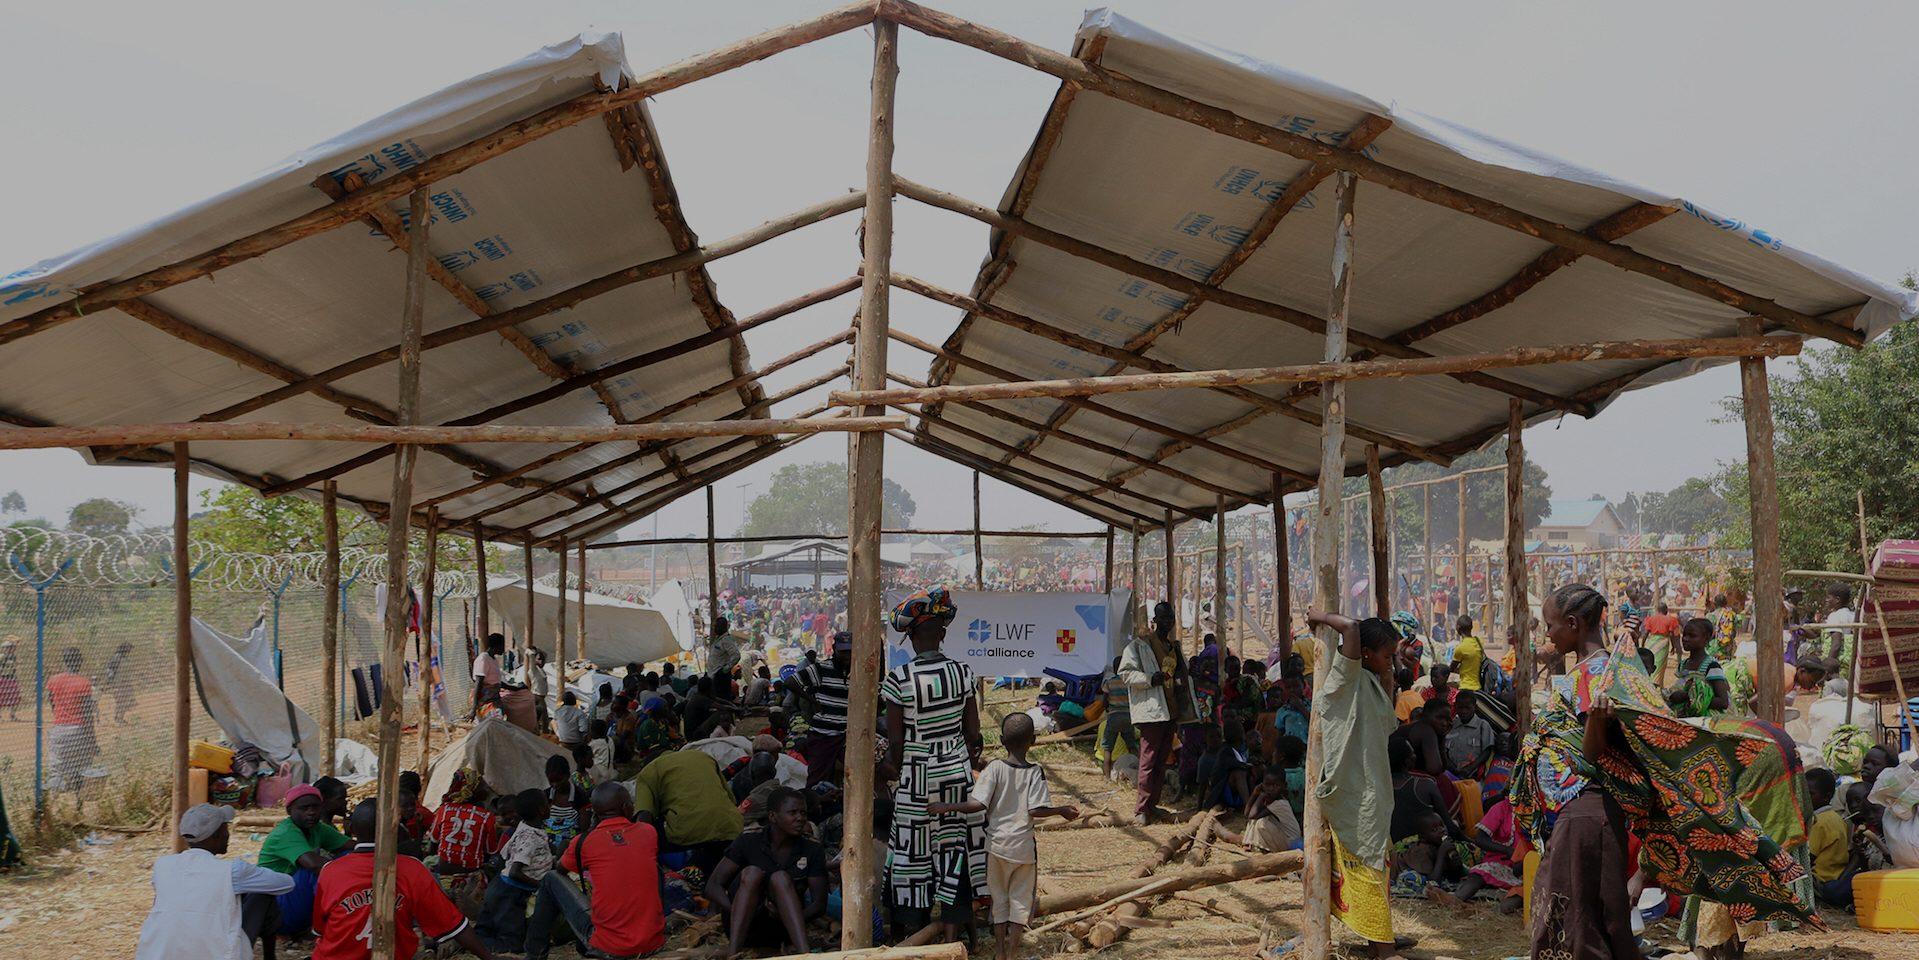 Flyktingar i Kagoma, Uganda, har fått humanitärt stöd av ACT Svenska kyrkan, via Lutherska världsförbundet.